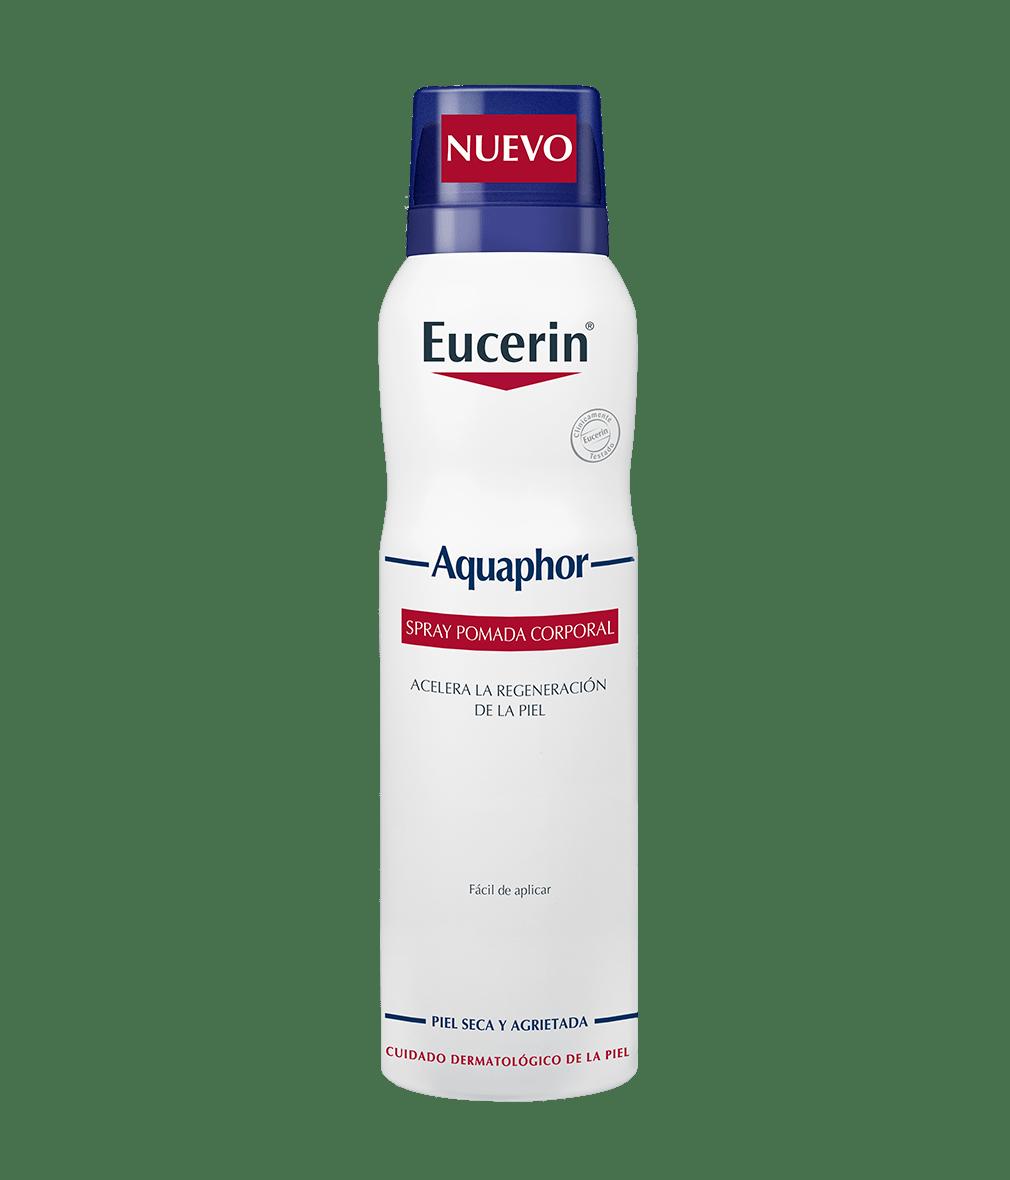 Eucerin Aquaphor Spray Pomada Corporal